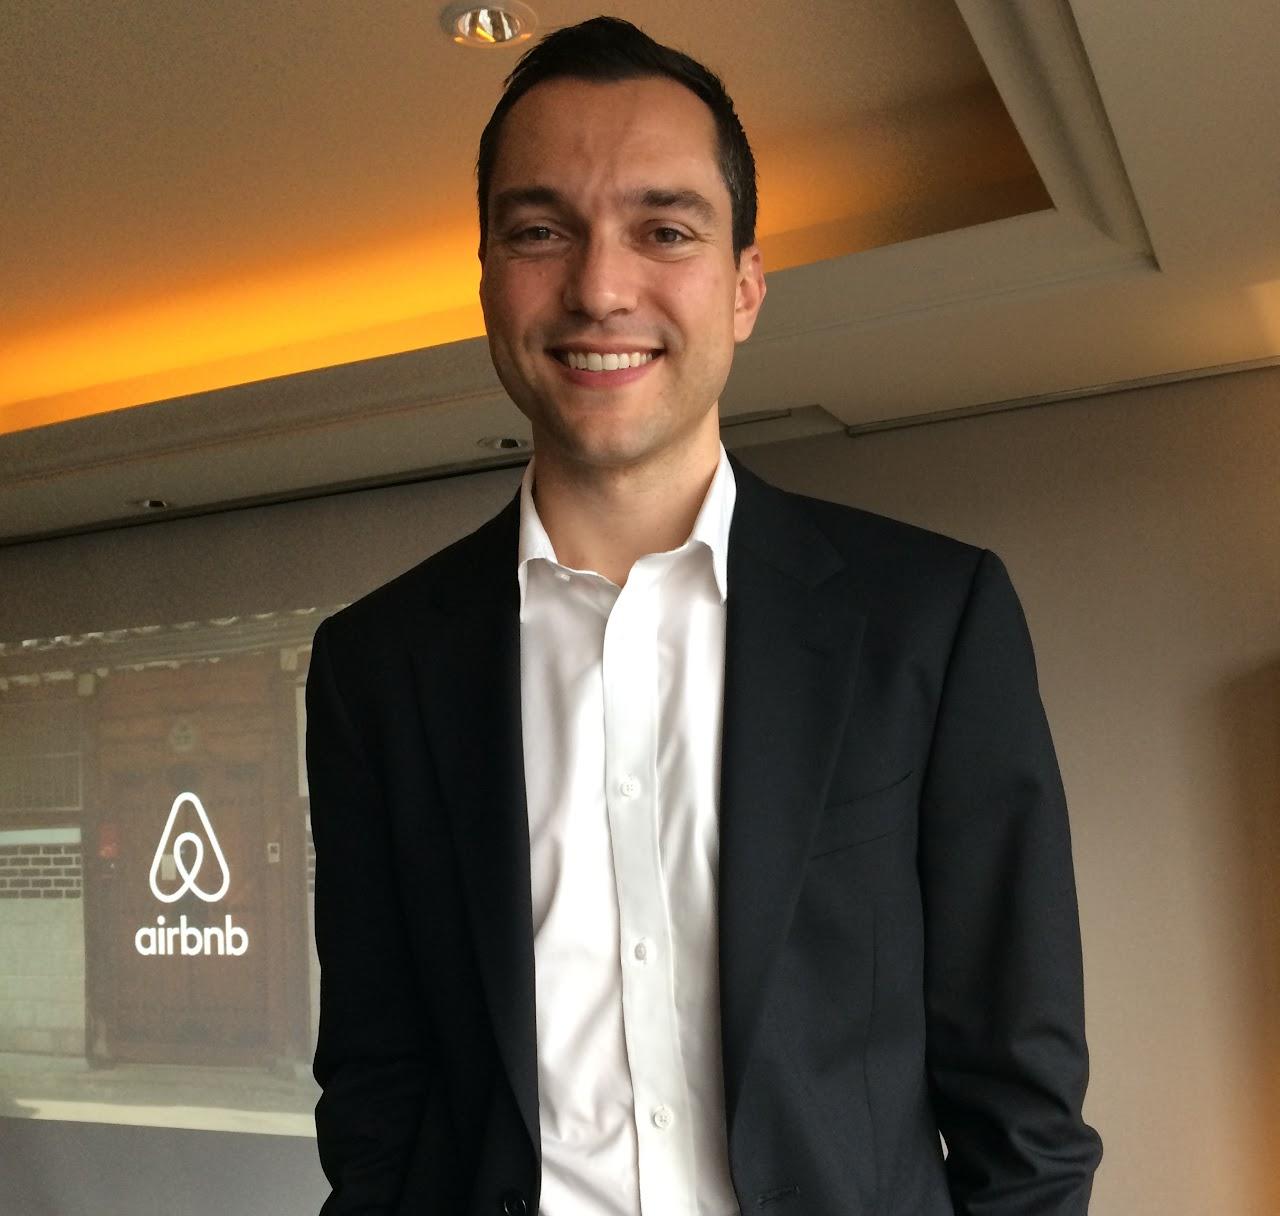 拚合法落地,Airbnb共同創辦人來台與政府對話